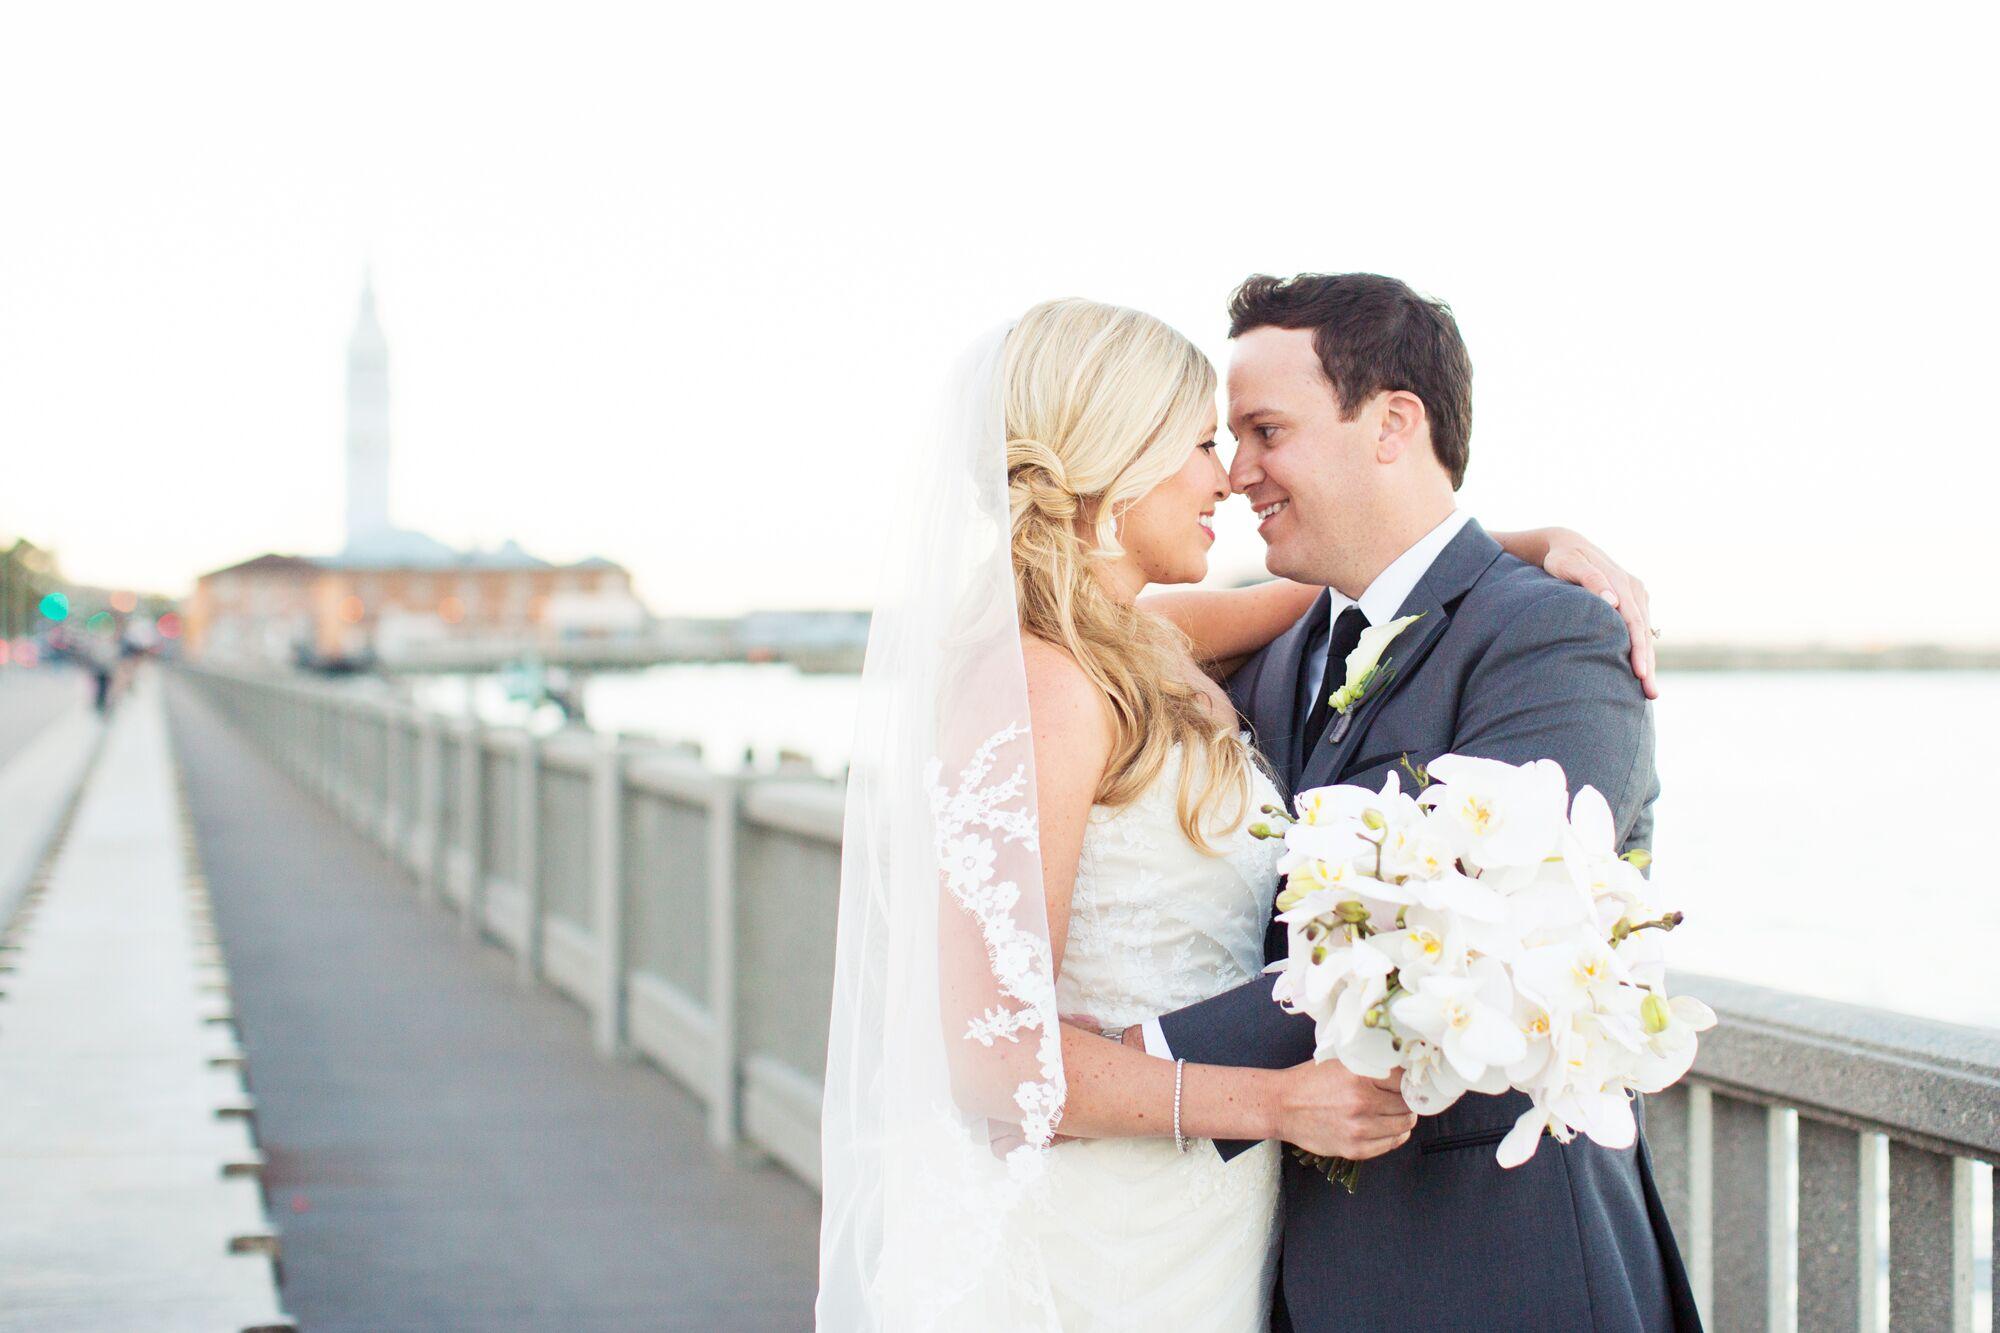 An Elegant, Modern Wedding At San Francisco Ferry Building